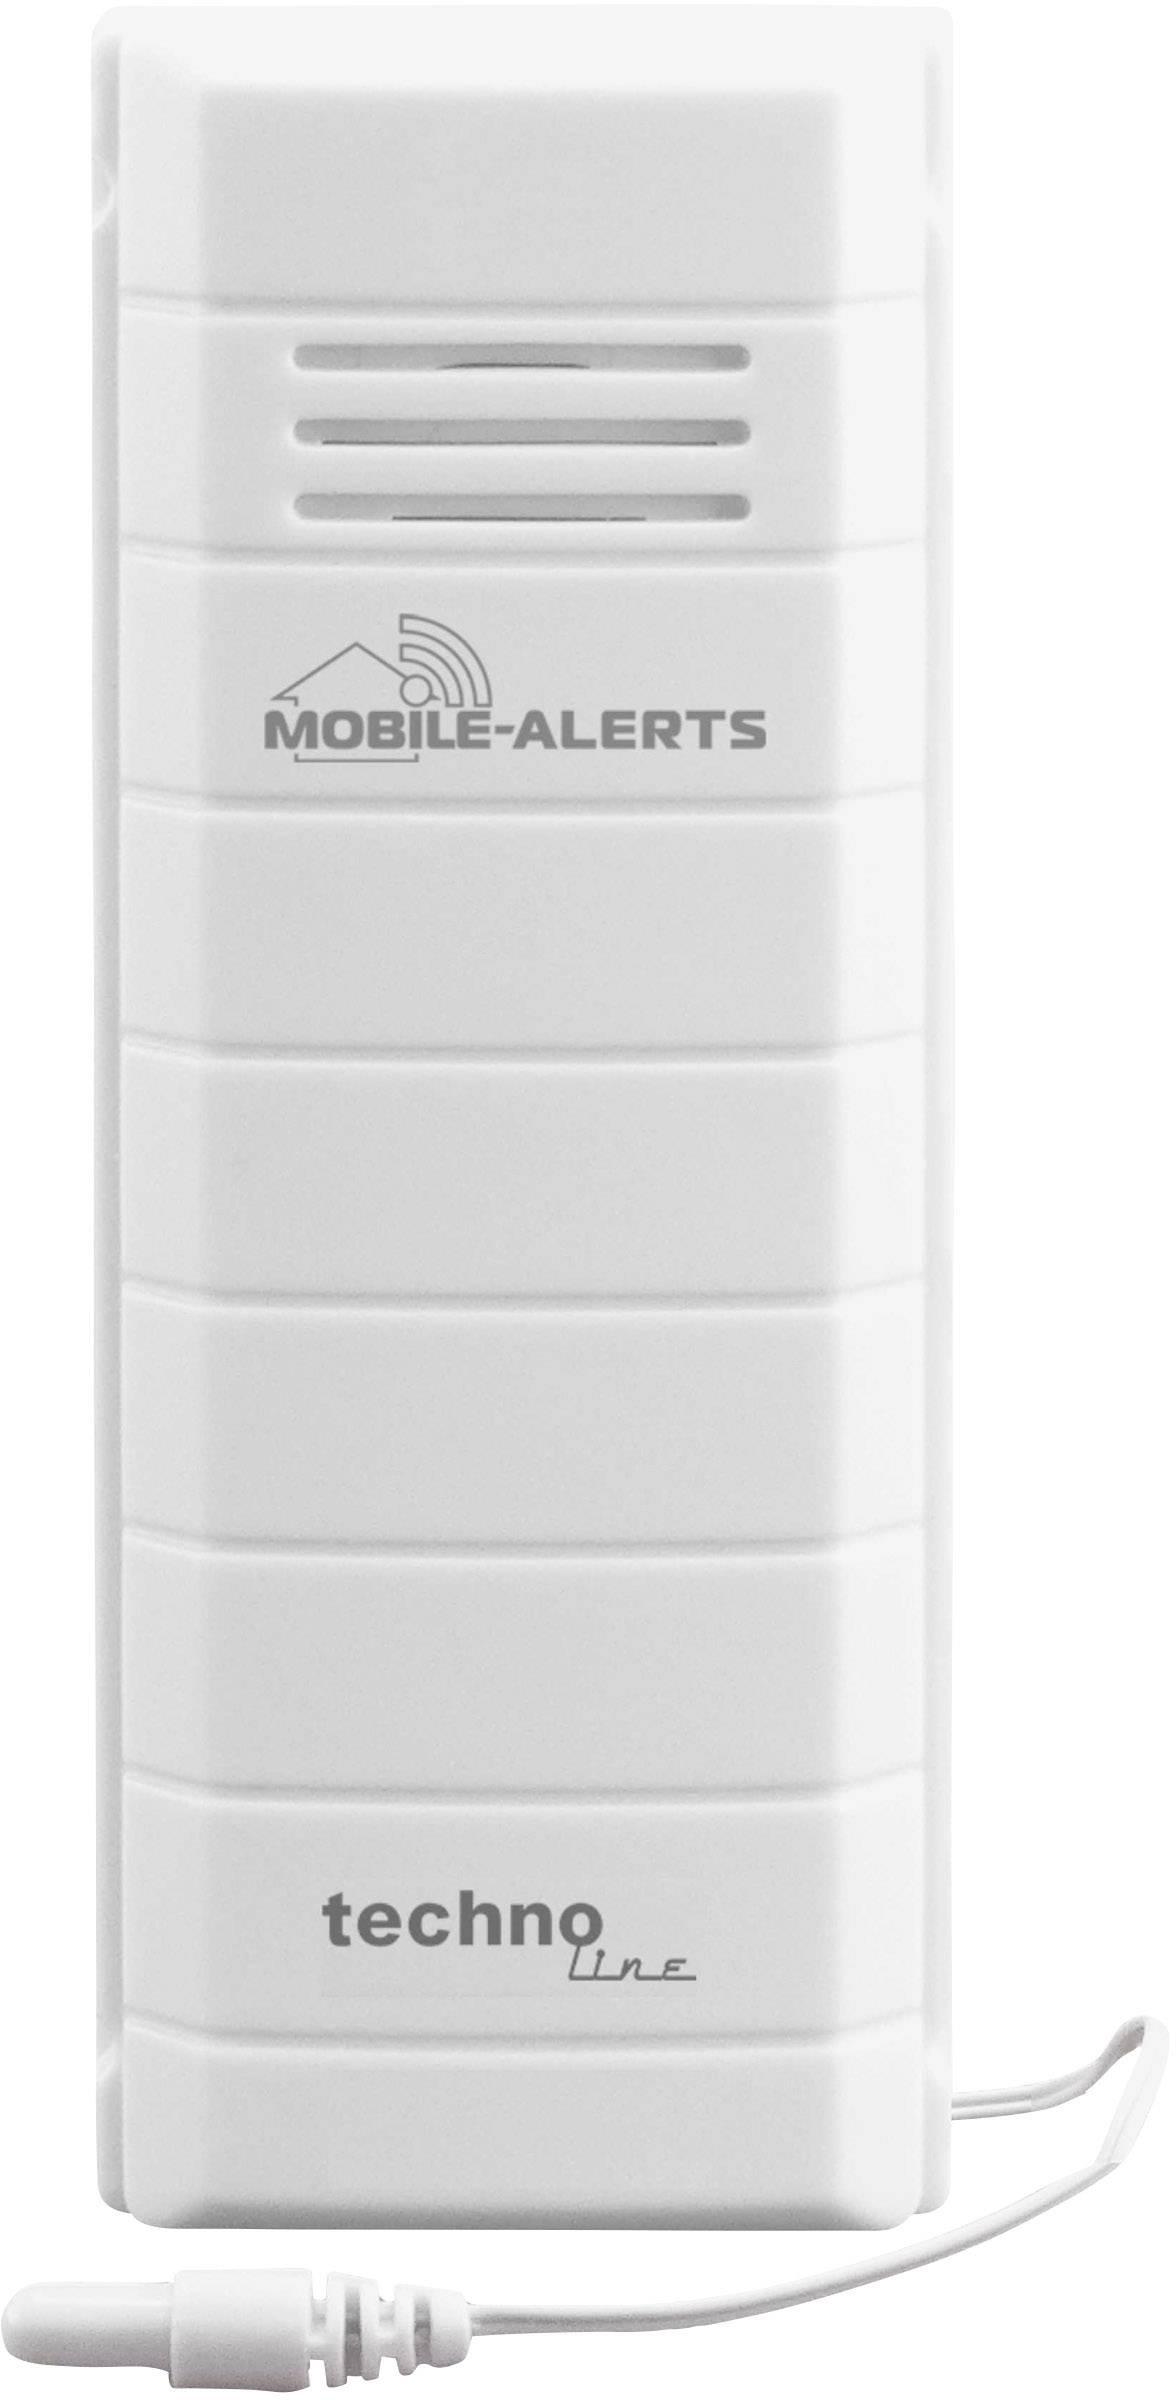 Teplotný senzor s vodeodolnou sondou pre Techno Line Mobile Alerts, MA 10101